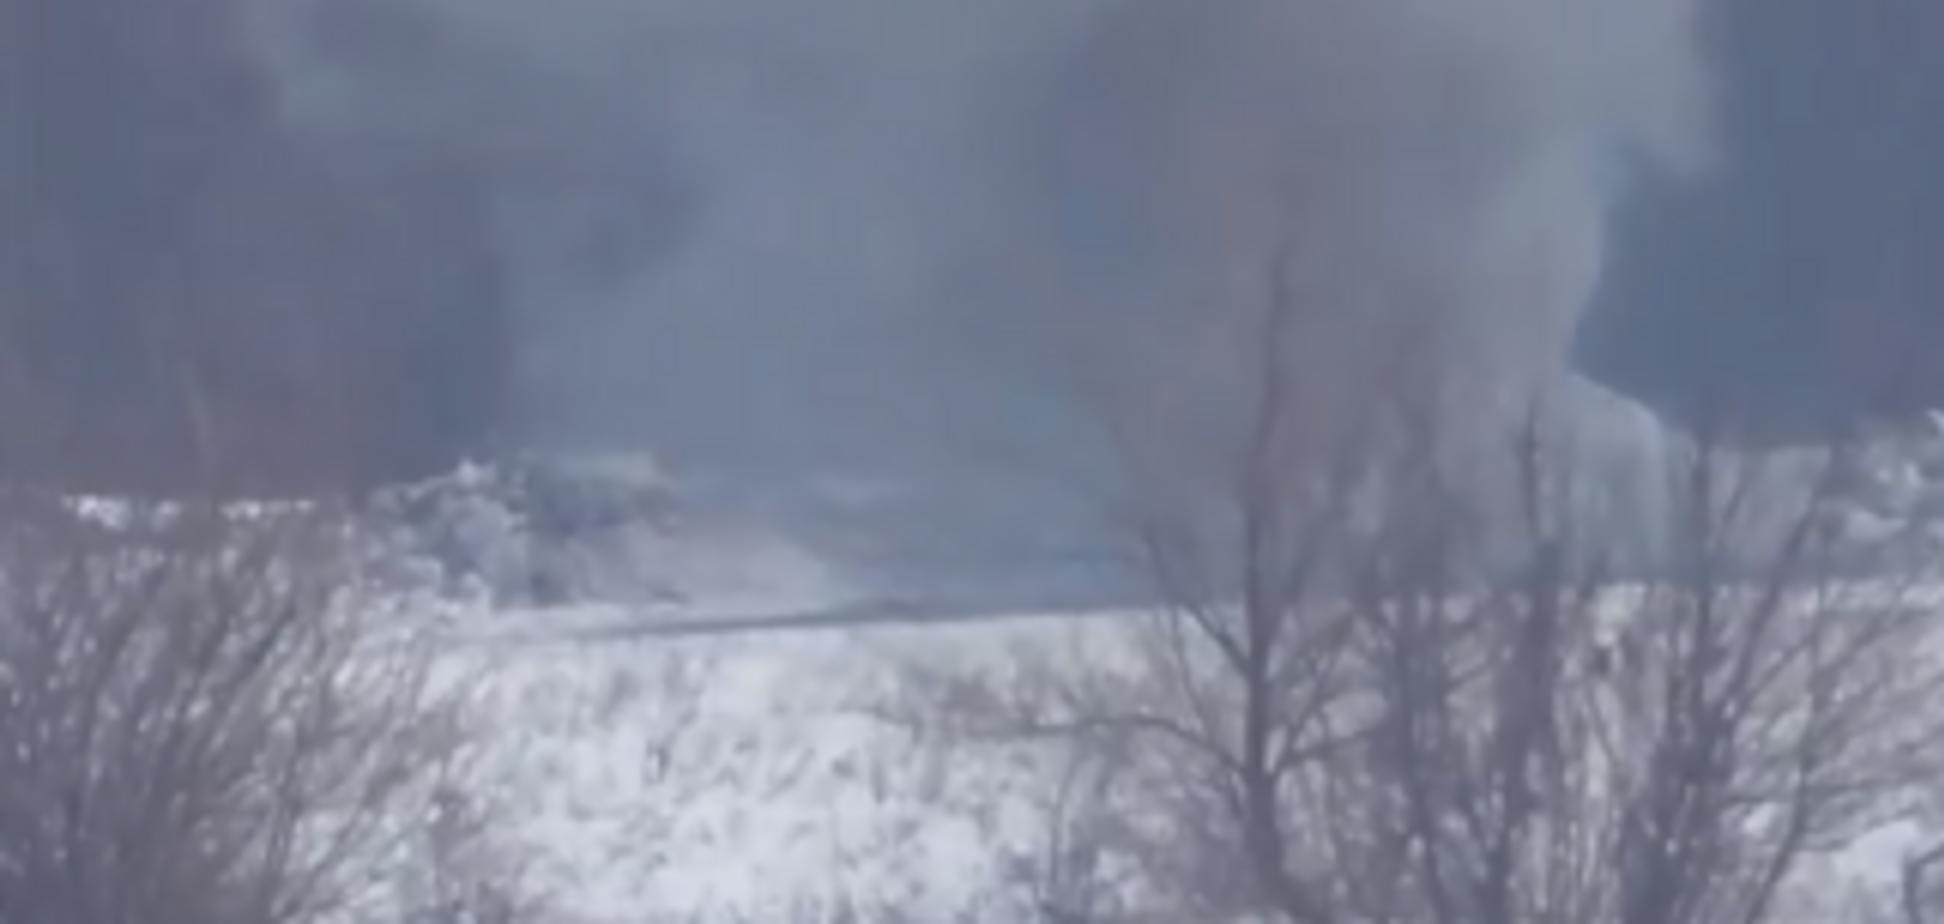 Прямое попадание: опубликовано видео меткого удара ВСУ по боевой точке ''ЛНР''